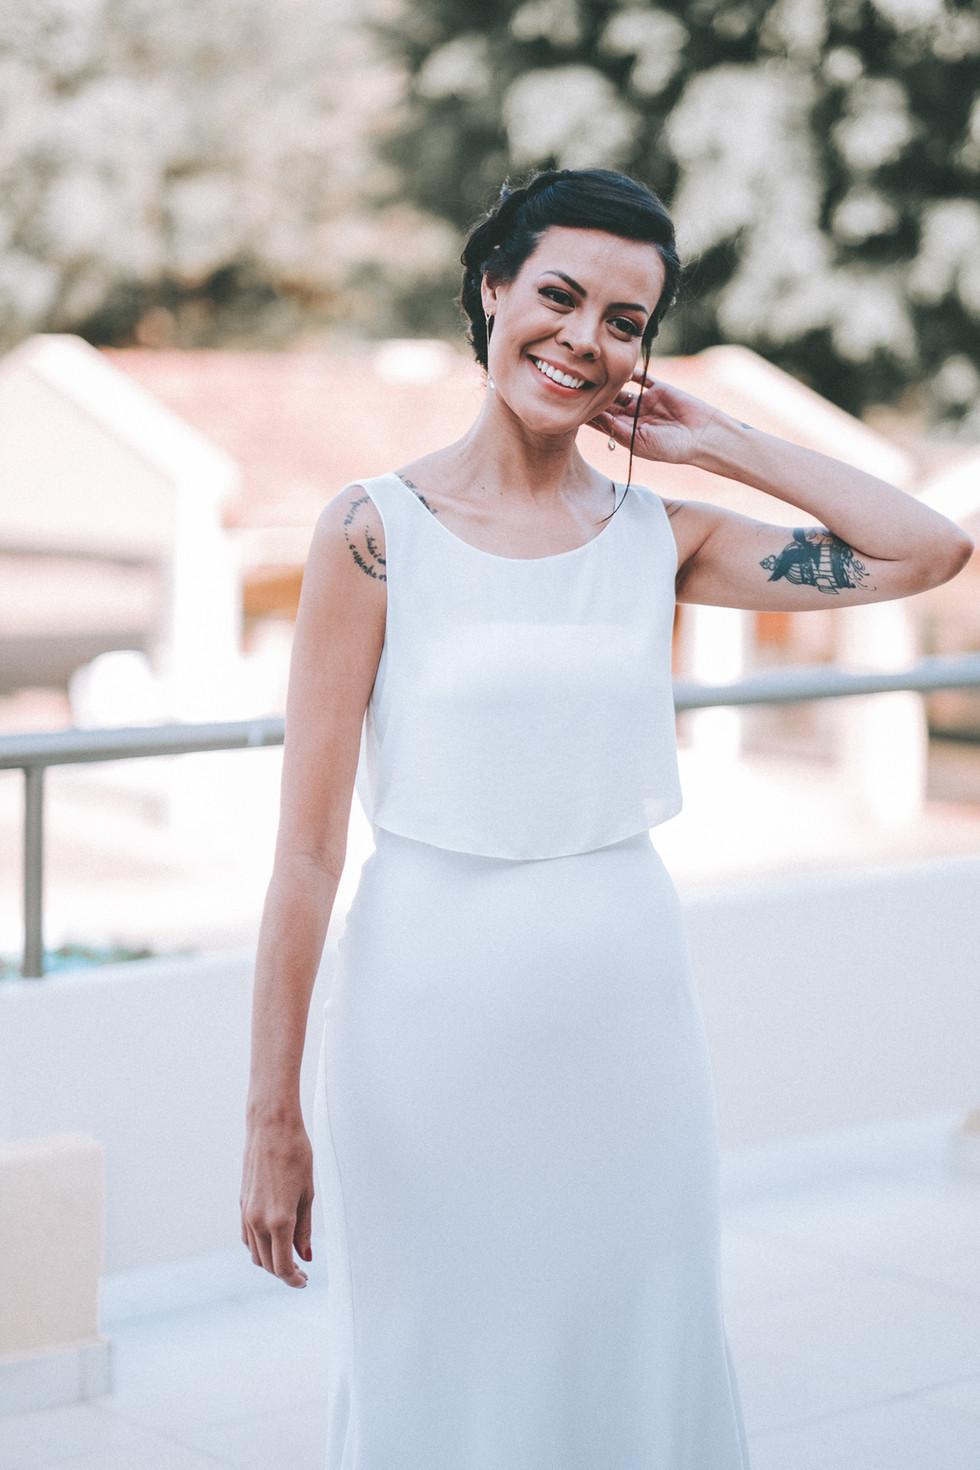 vestido de noiva simples, vestido de noiva clean, vestido de noiva minimalista, vestido de noiva liso